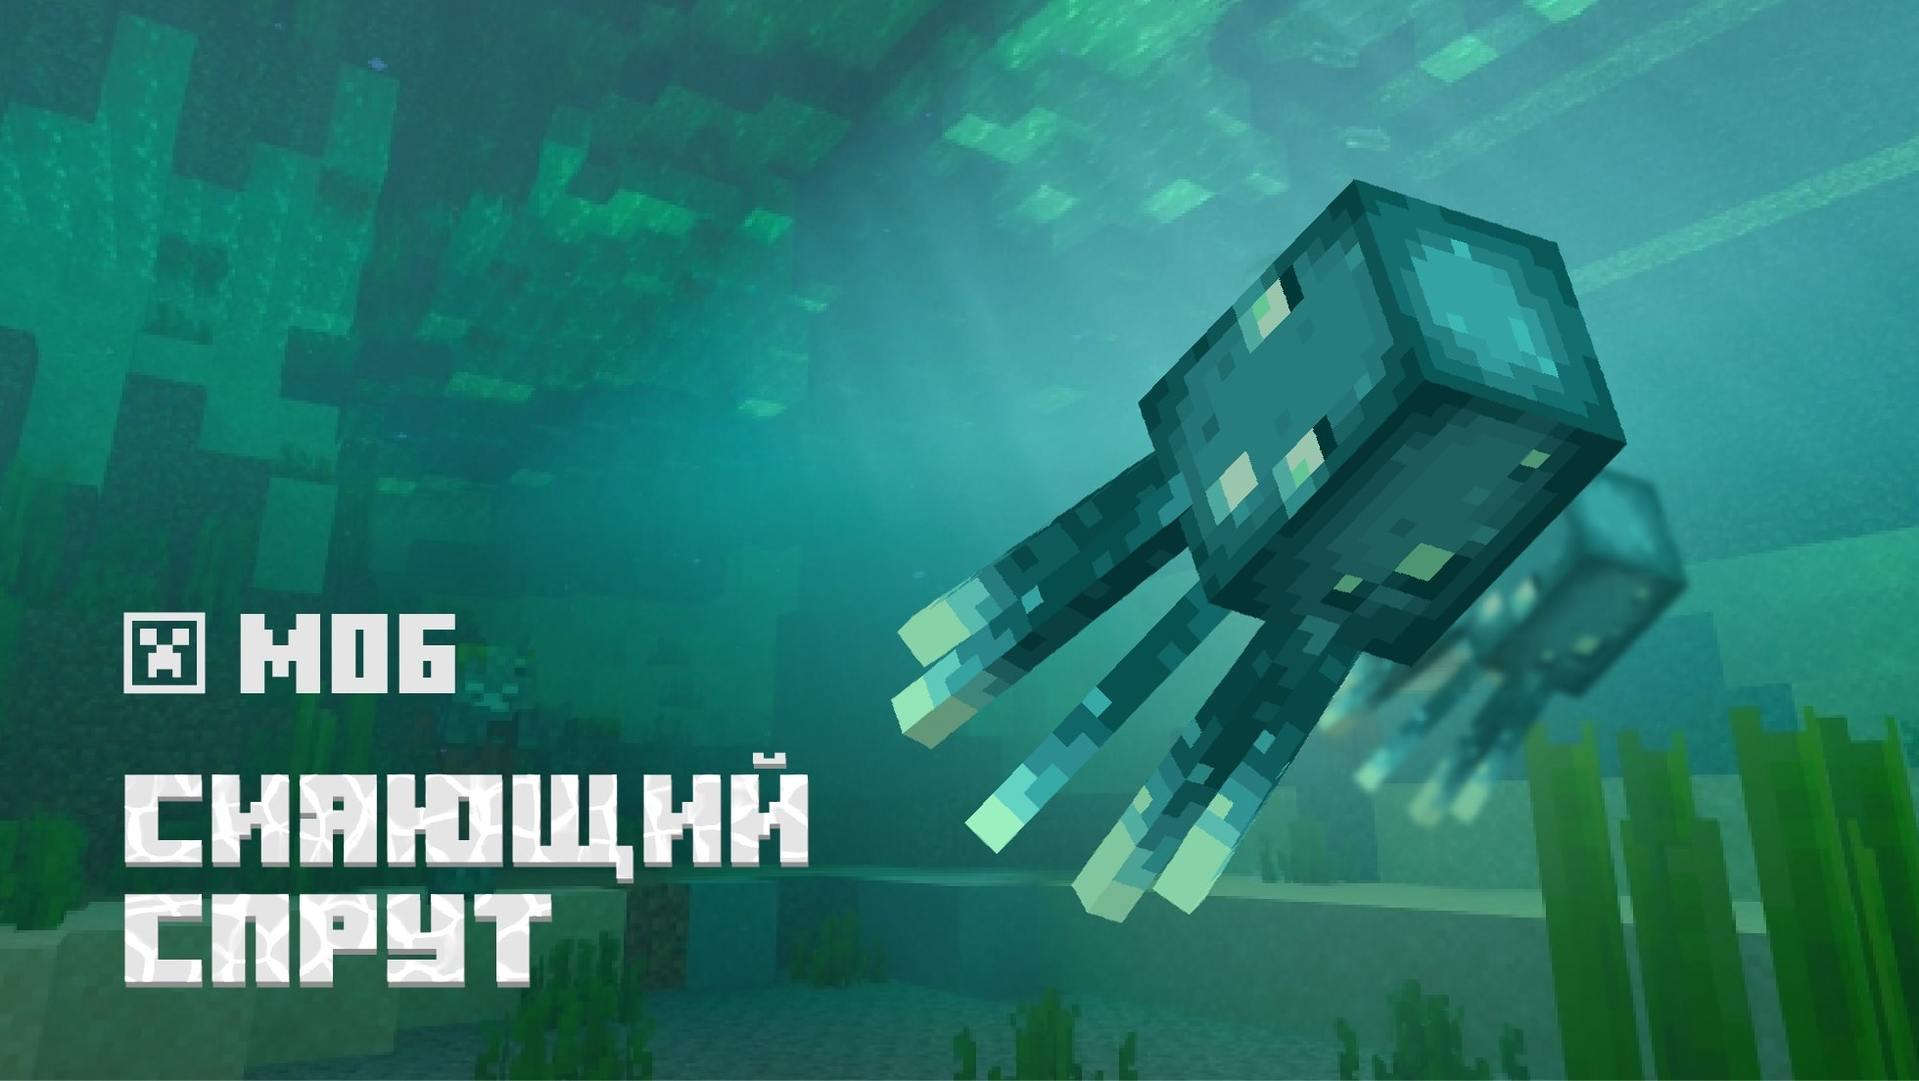 Иллюстрация нового моба. Сияющий спрут светится под водой.